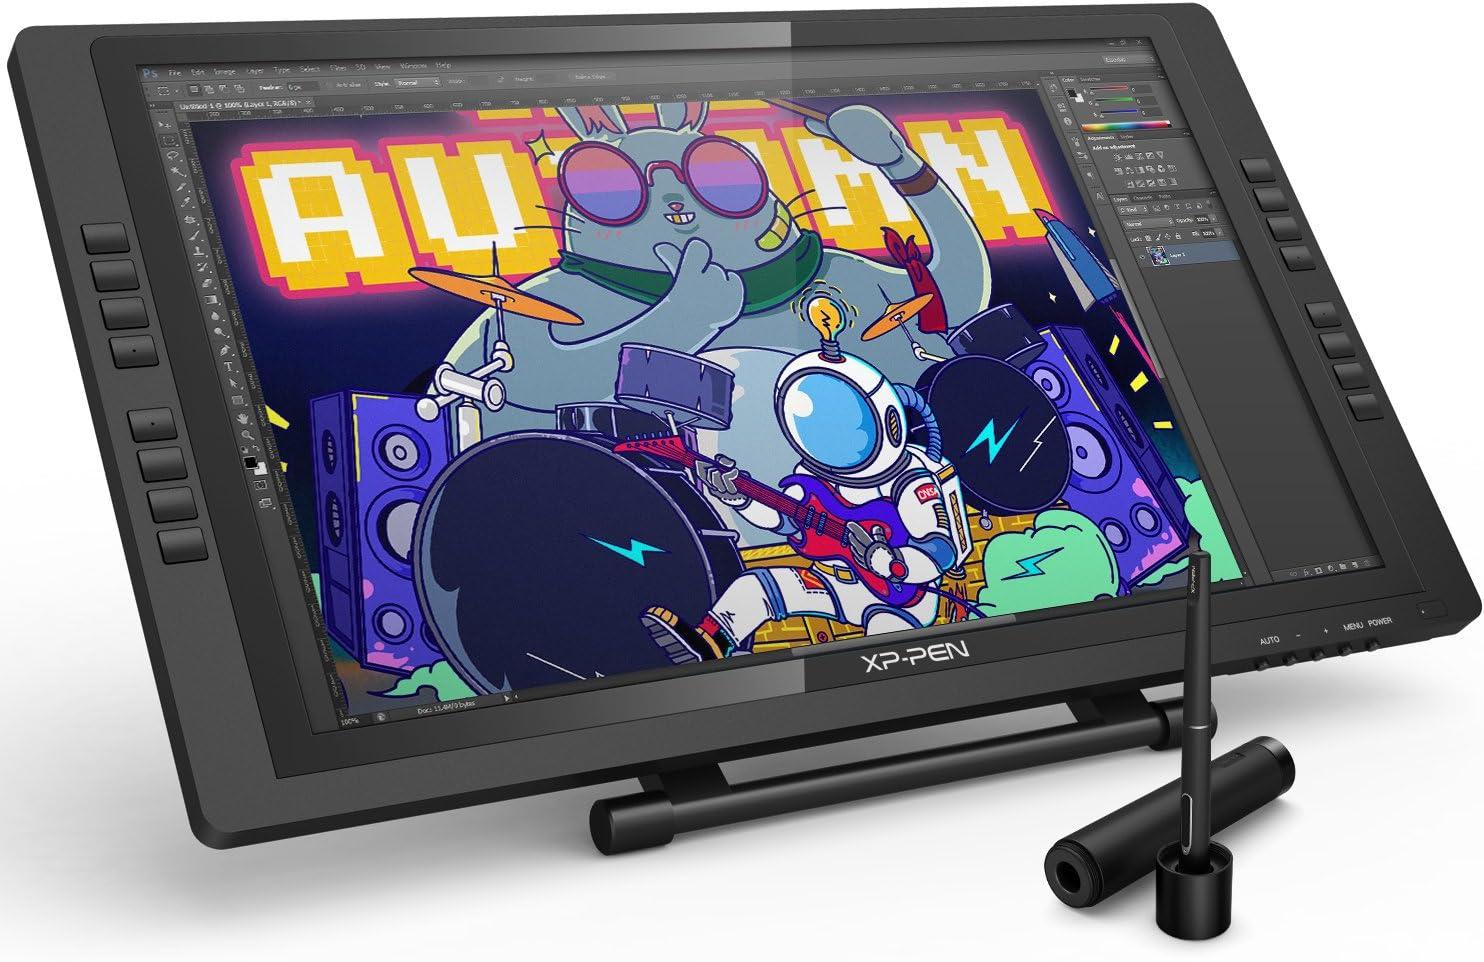 XP-Pen 22E Pro Tableta Digital de Dibujo Gráfico HD IPS Monitor con Teclas Express y Soporte Ajustable Viene con el Último Software de Dibujo de OpenCanvas 7 o ArtRage 5: Amazon.es: Informática